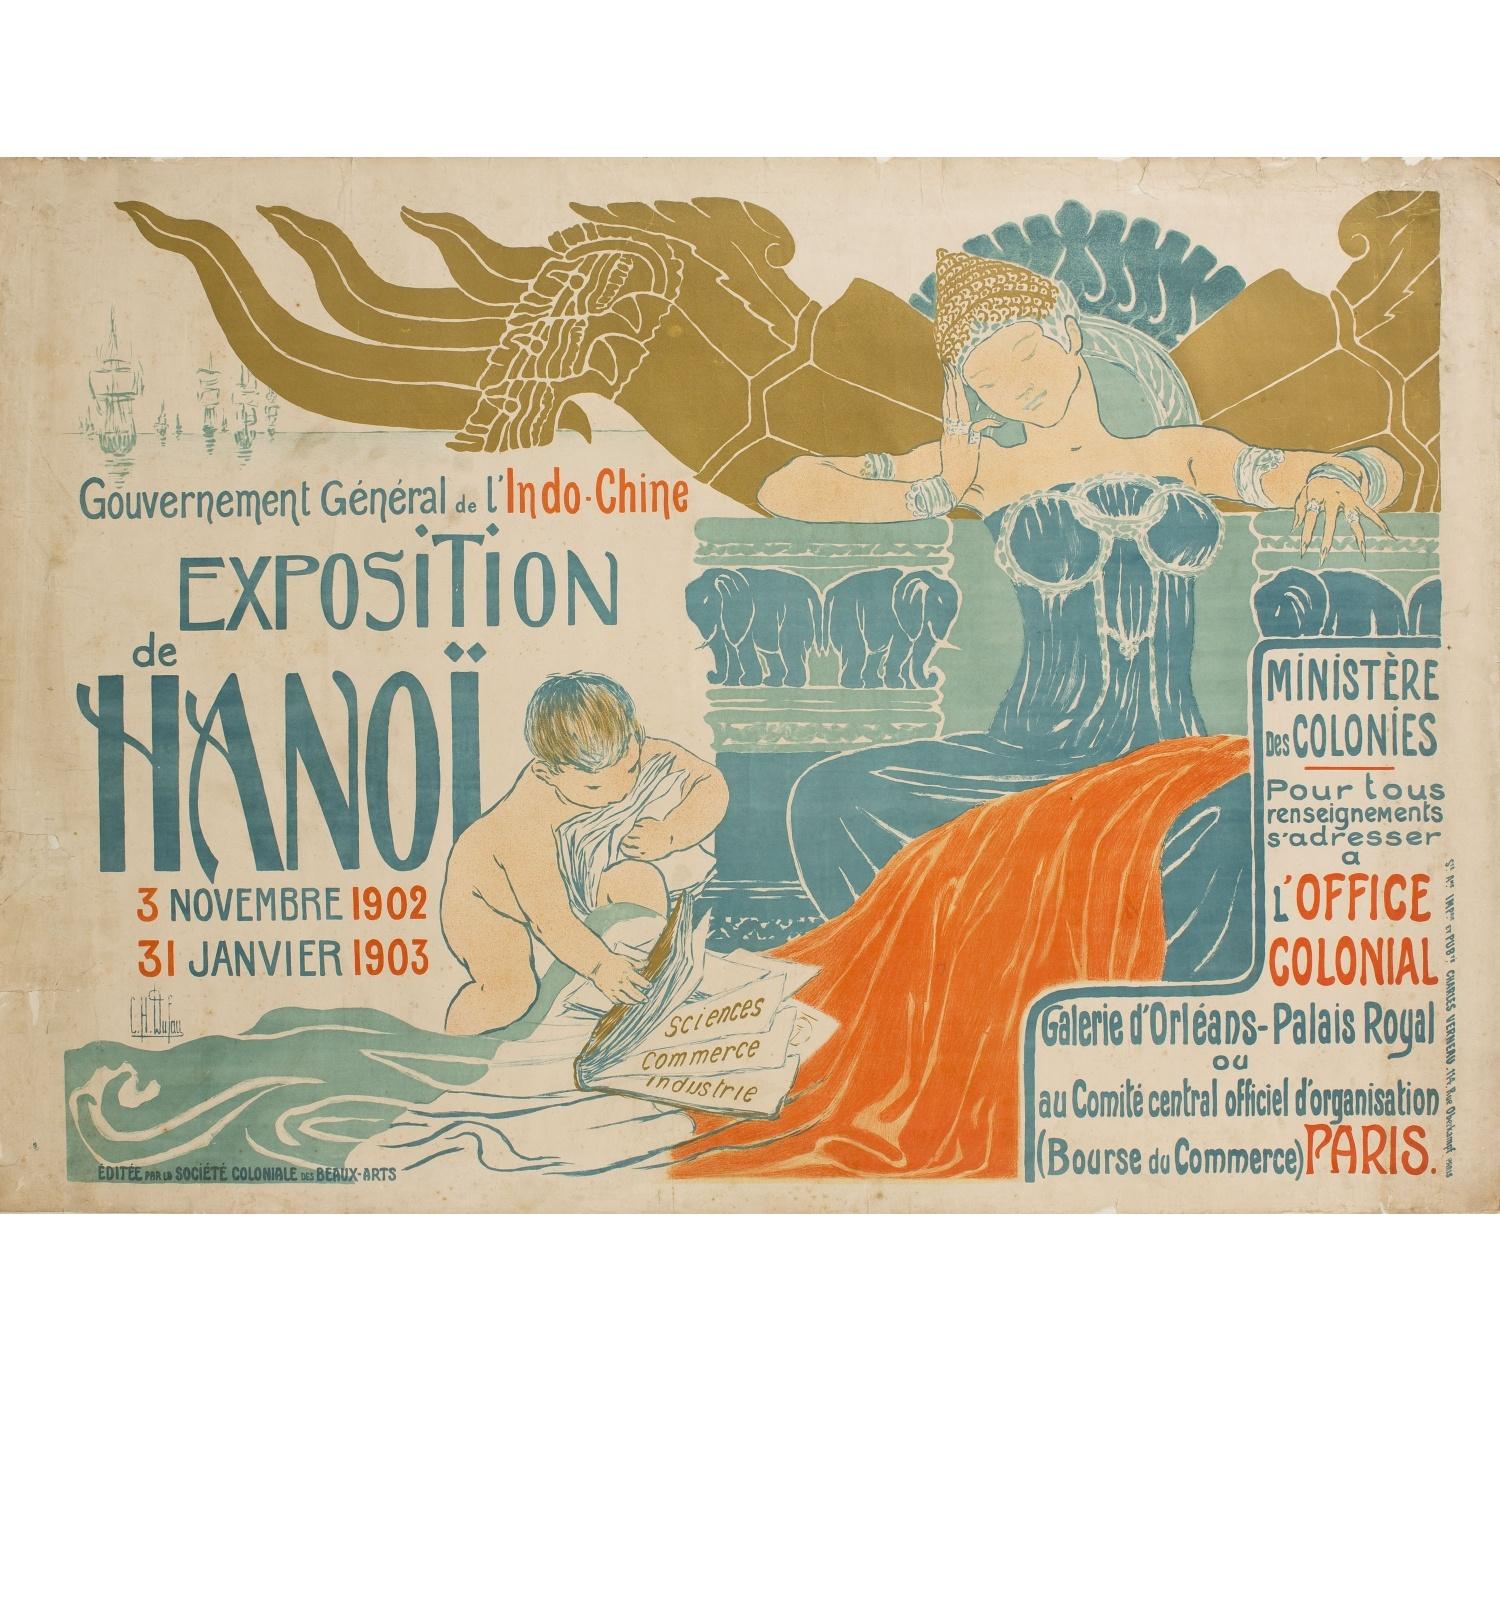 Gouvernement Général de l'Indo-Chine. Exposition Hanoï, Clementine Hélène Dufau, 1902